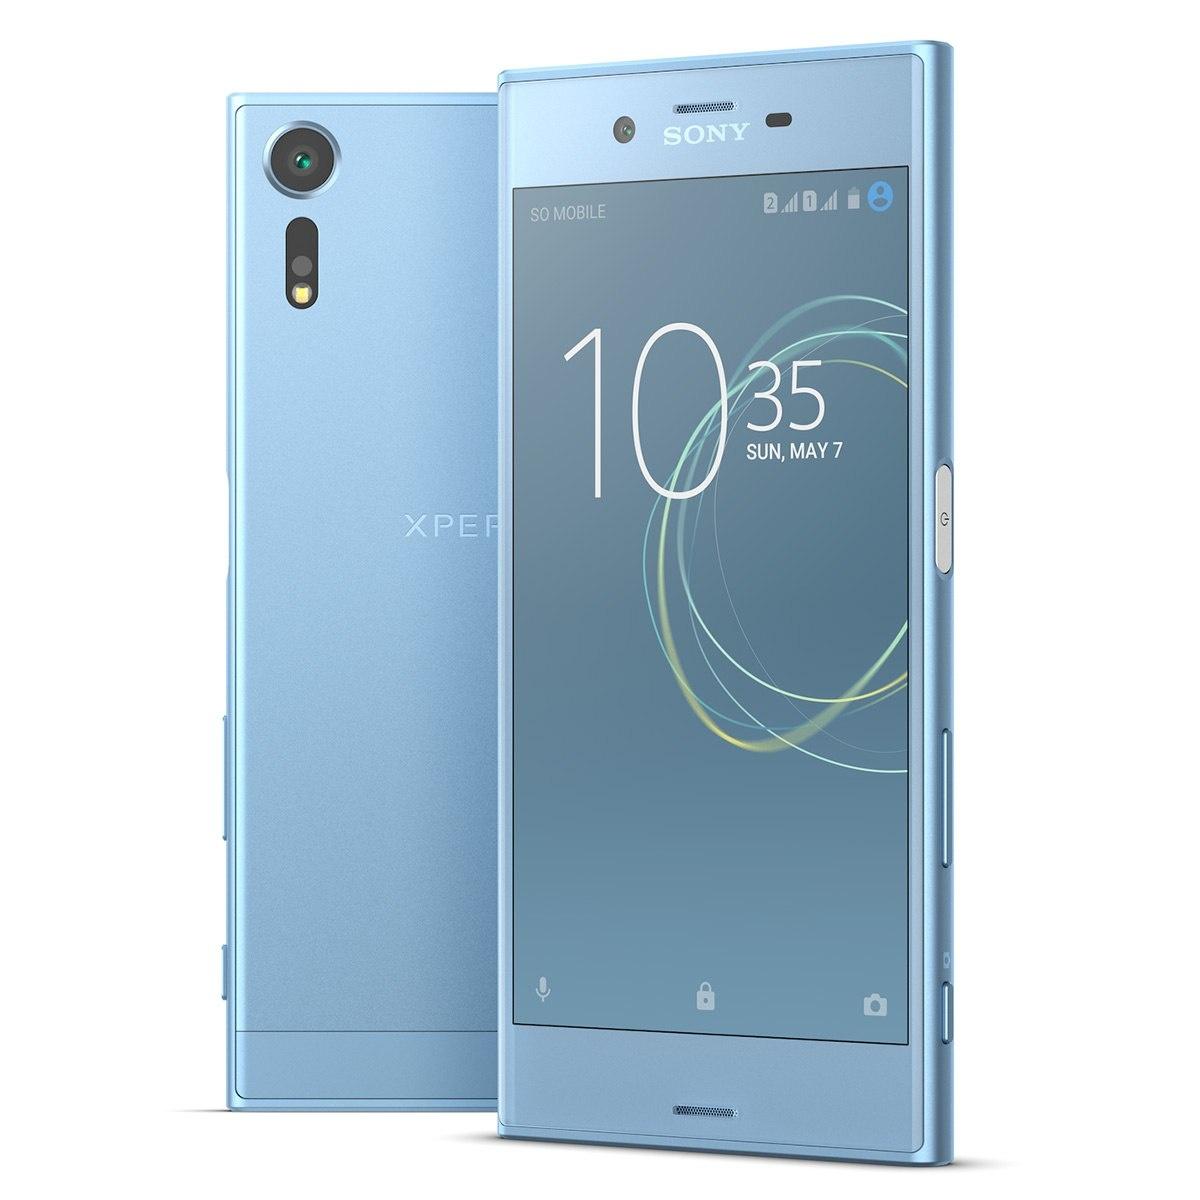 Sony Xperia XZS (G8231)